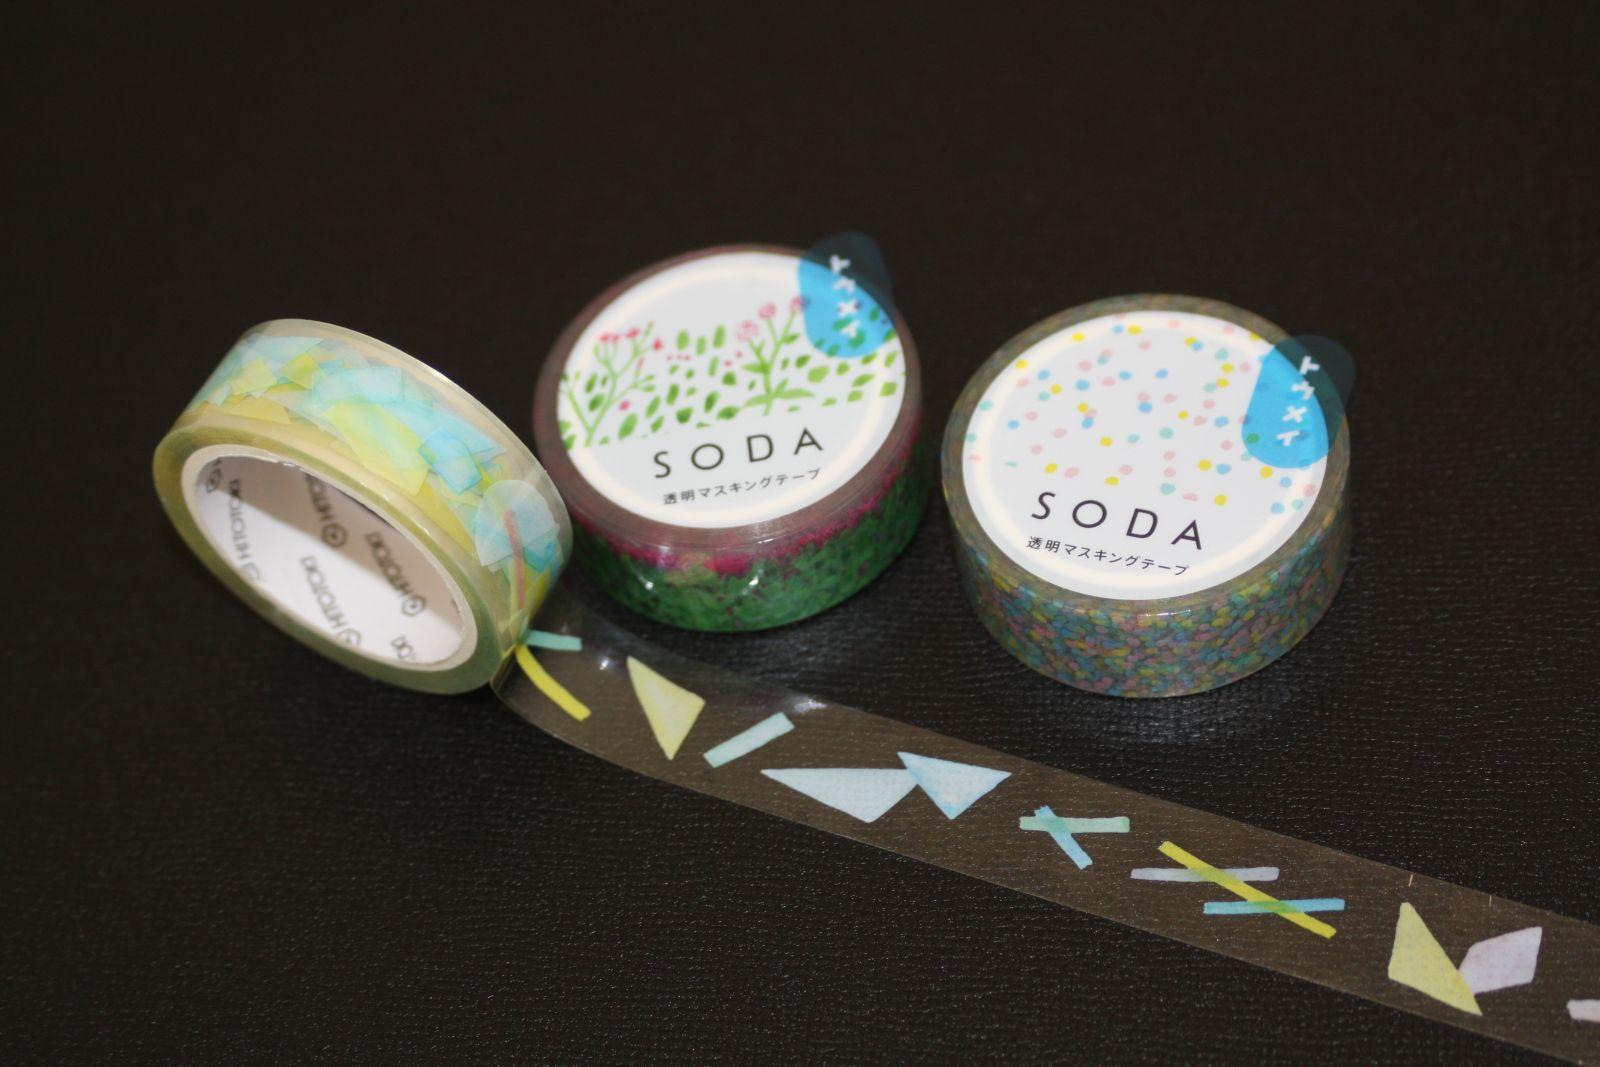 高校生に売れている文房具9:キングジム「ソ−ダ(SODA) 透明マスキングテープ」